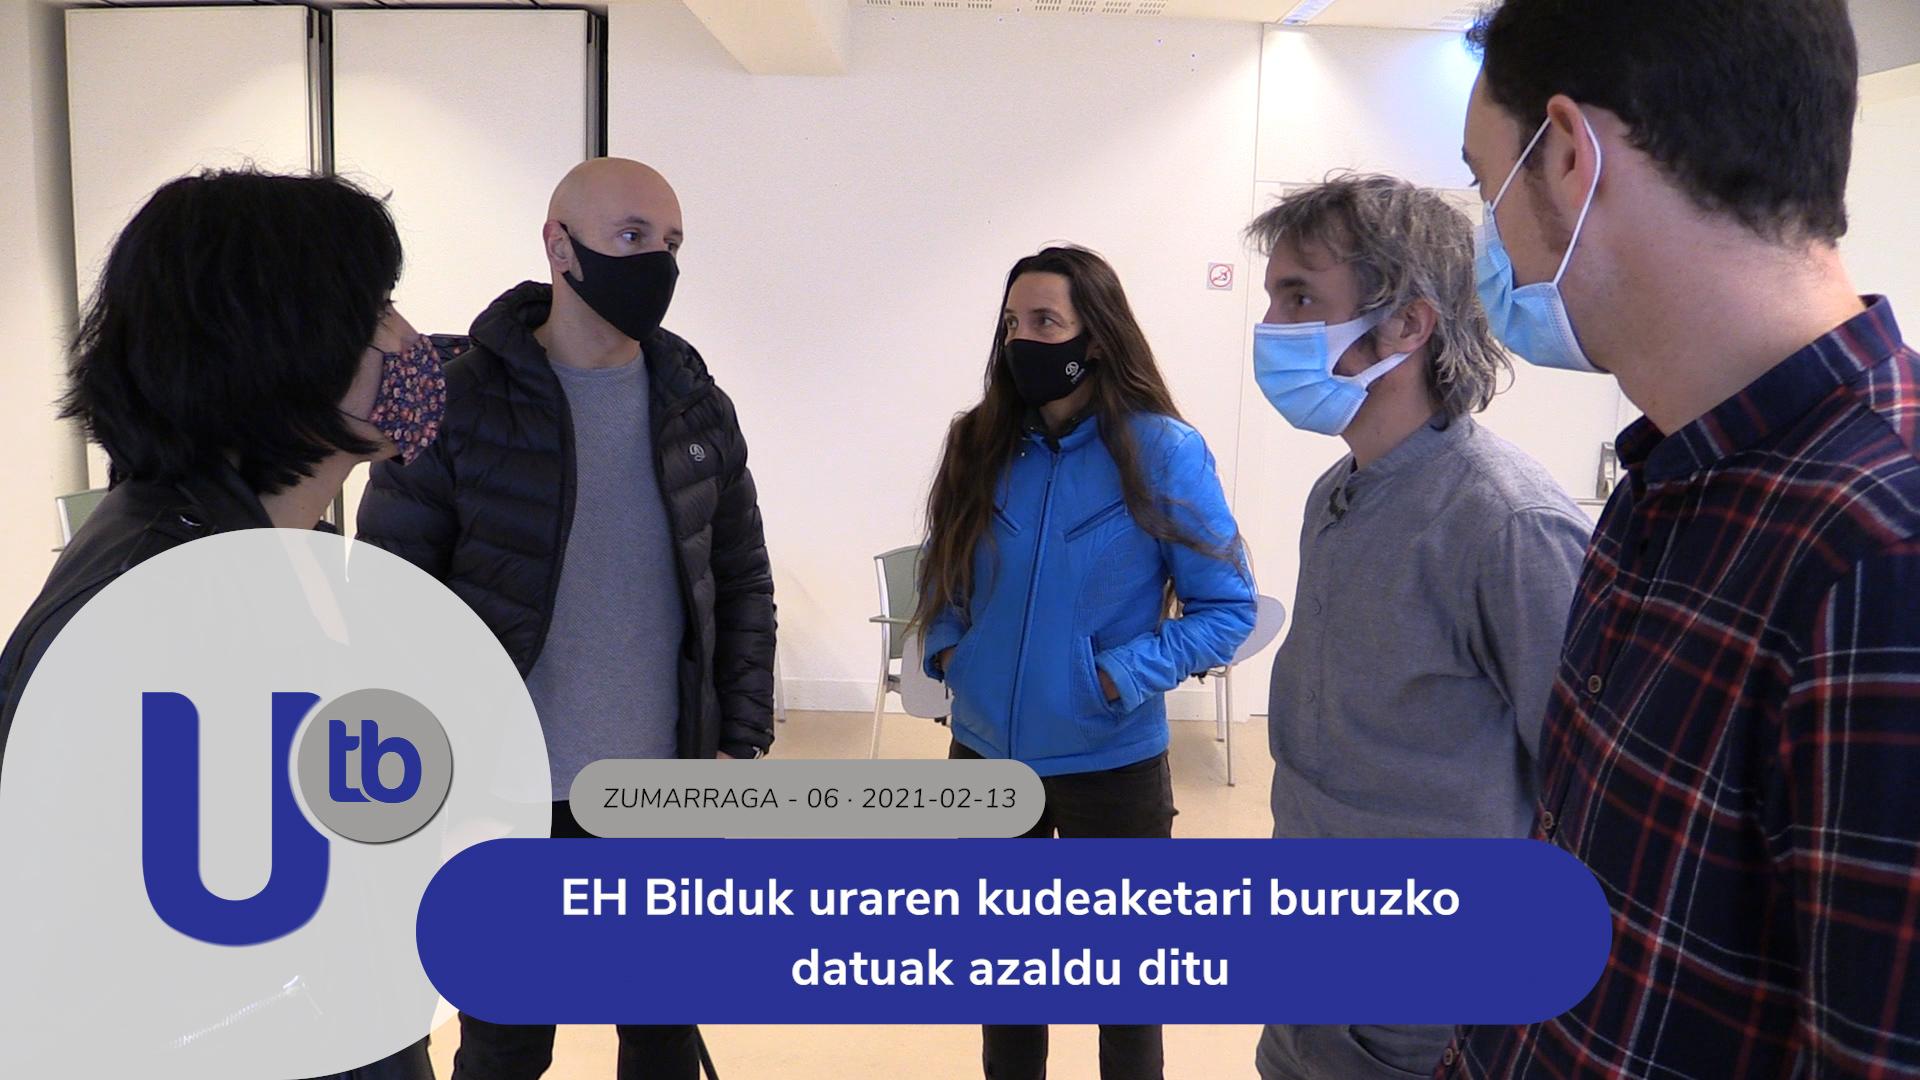 EH Bilduk uraren kudeaketari buruzko datuak azaldu ditu / EH Bildu expone los datos de la gestión del agua